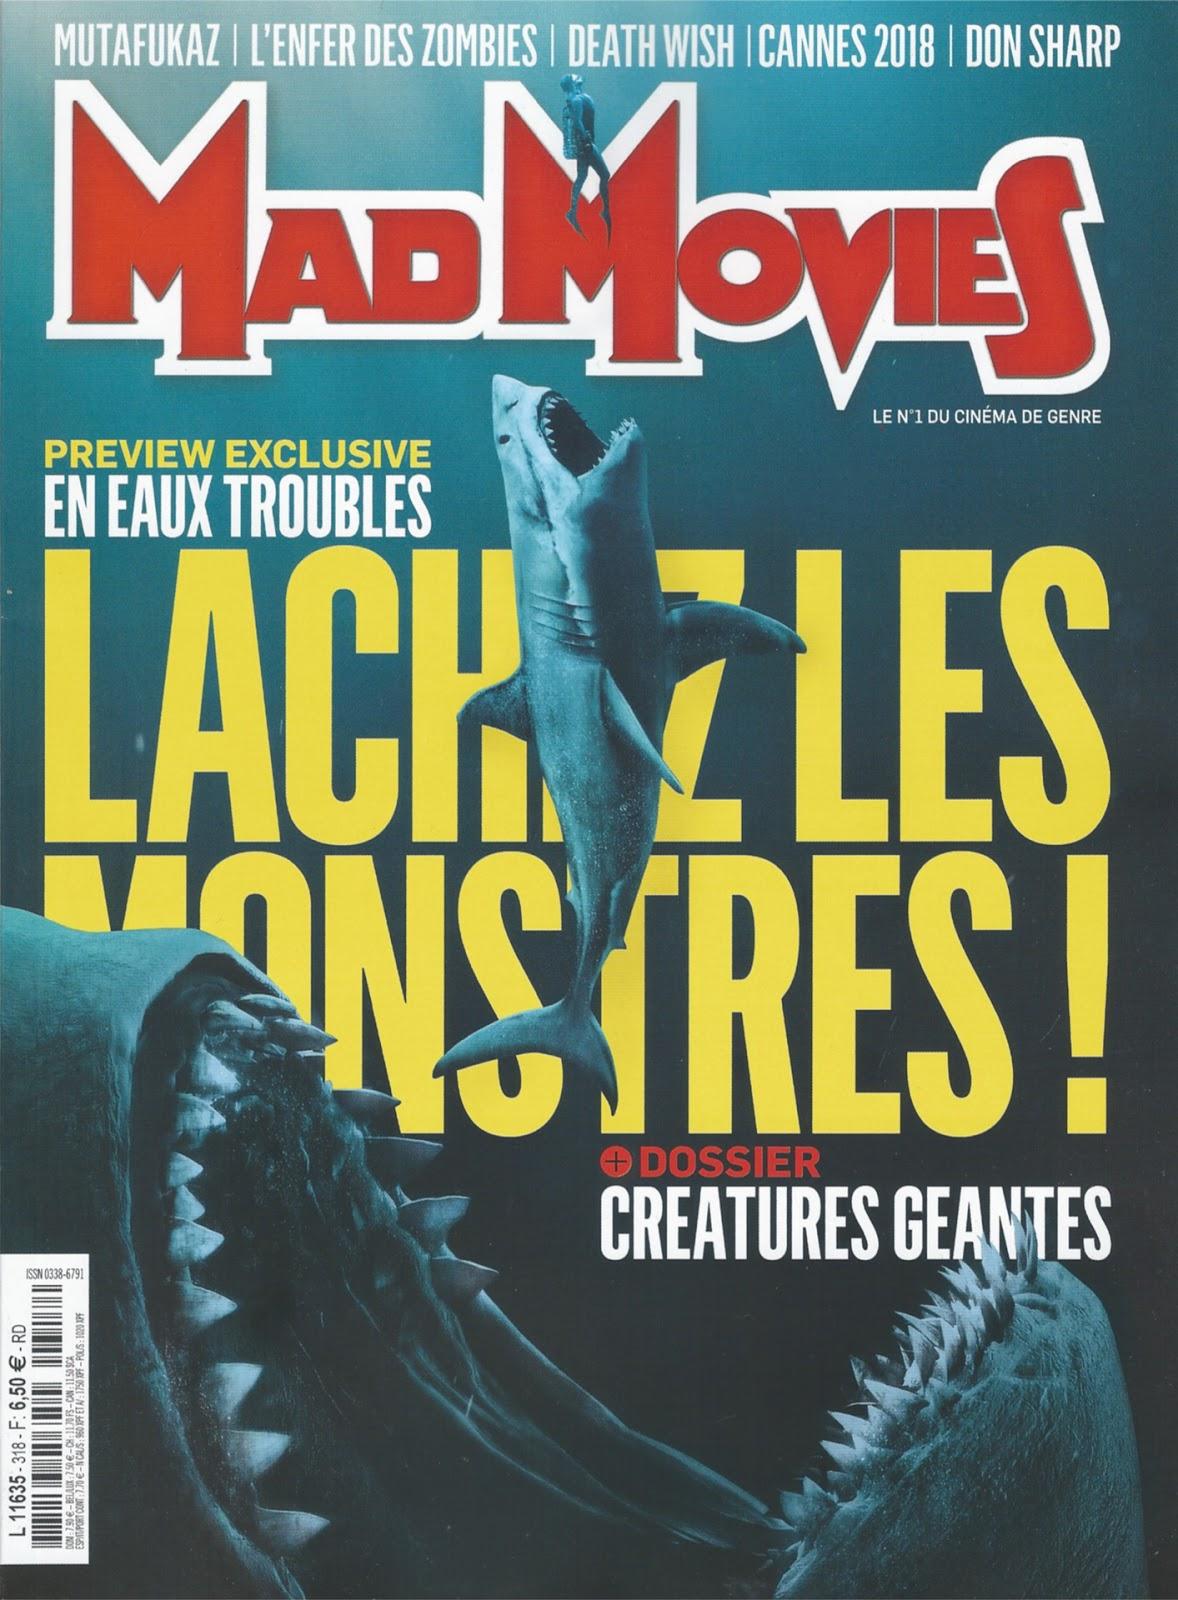 Le Festival MEME PAS PEUR dans le Mad Movies du mois de mai 2018